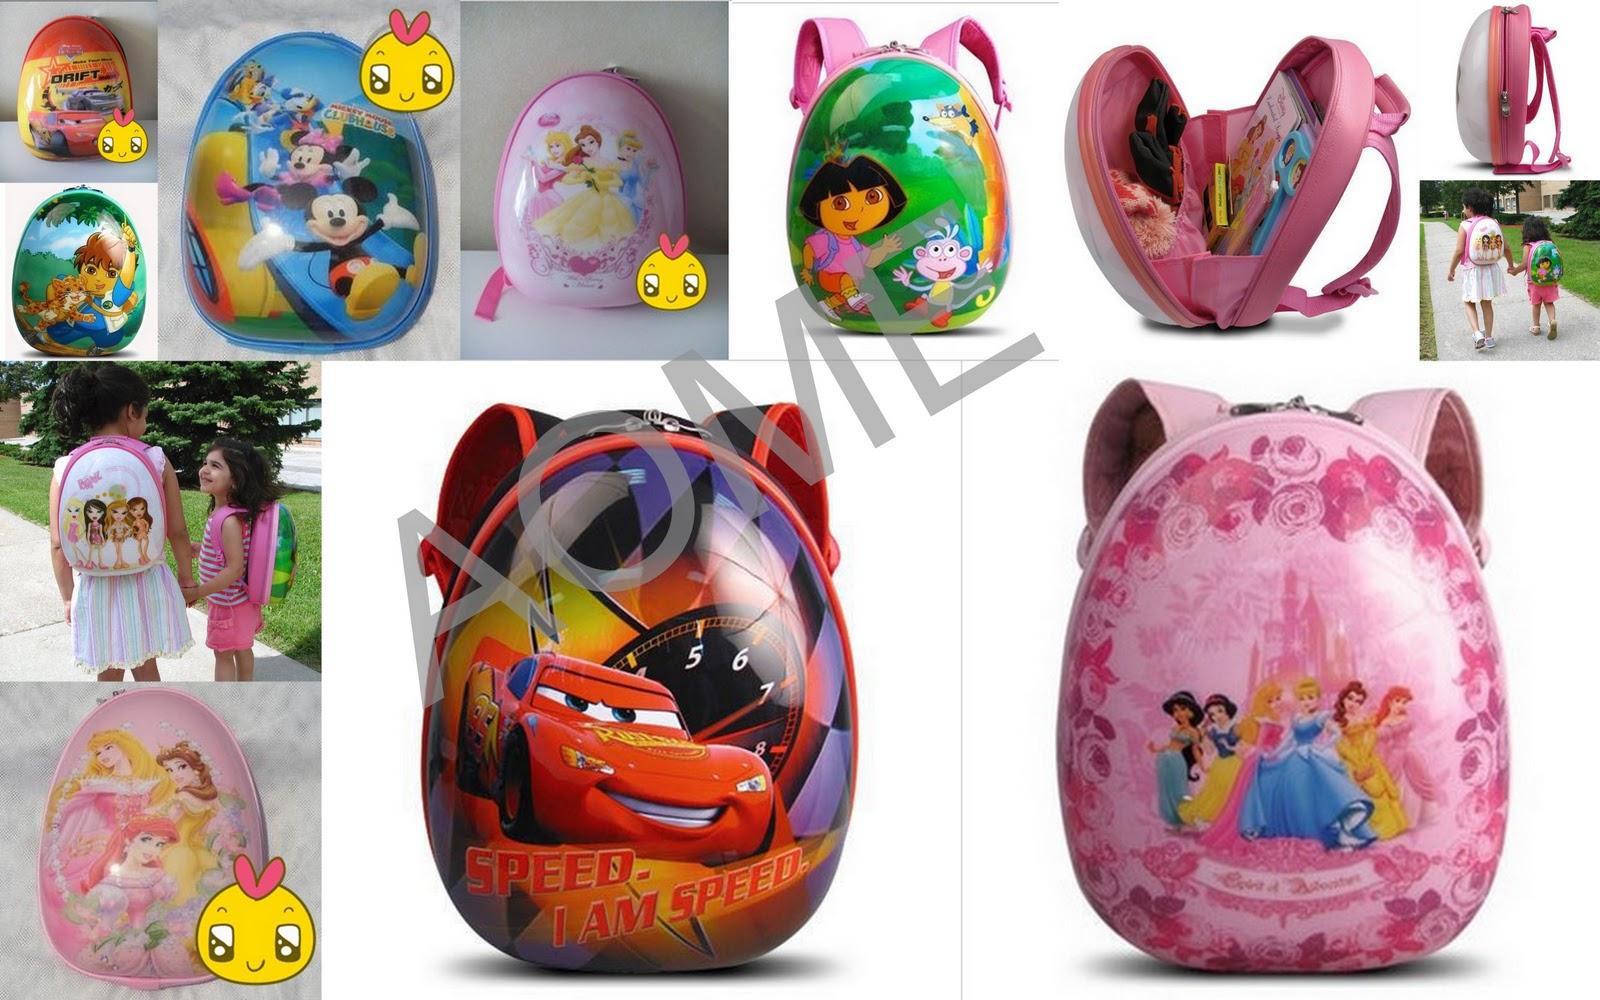 http://1.bp.blogspot.com/_XcP_QuBXMq4/TNjFi_IS_FI/AAAAAAAAGE0/wd1AoNkqxMM/s1600/Luggage%20%26%20Backpack5.jpg